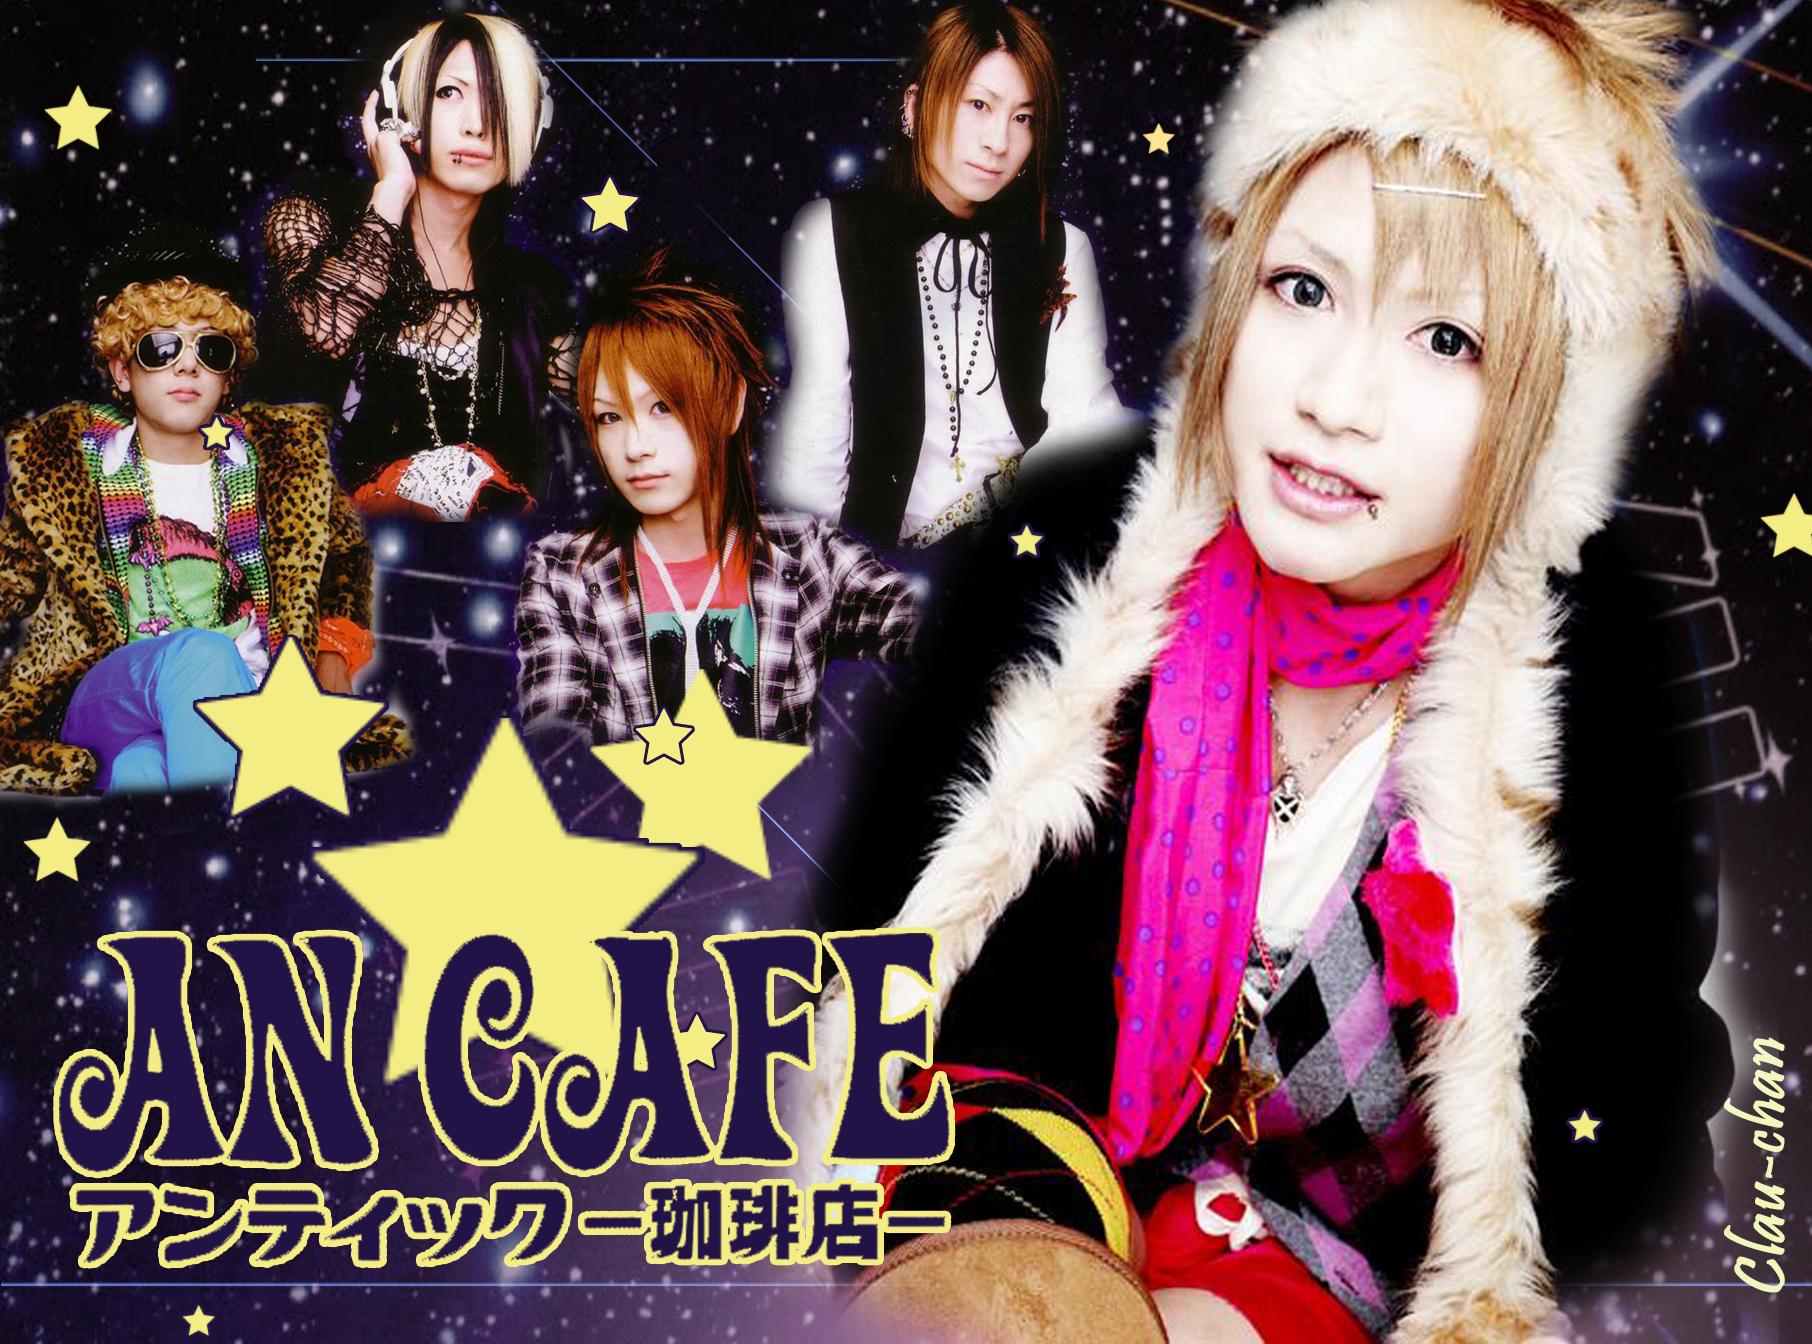 アンティック-珈琲店 Ryusei-01-an-cafe-19752608-1812-1344